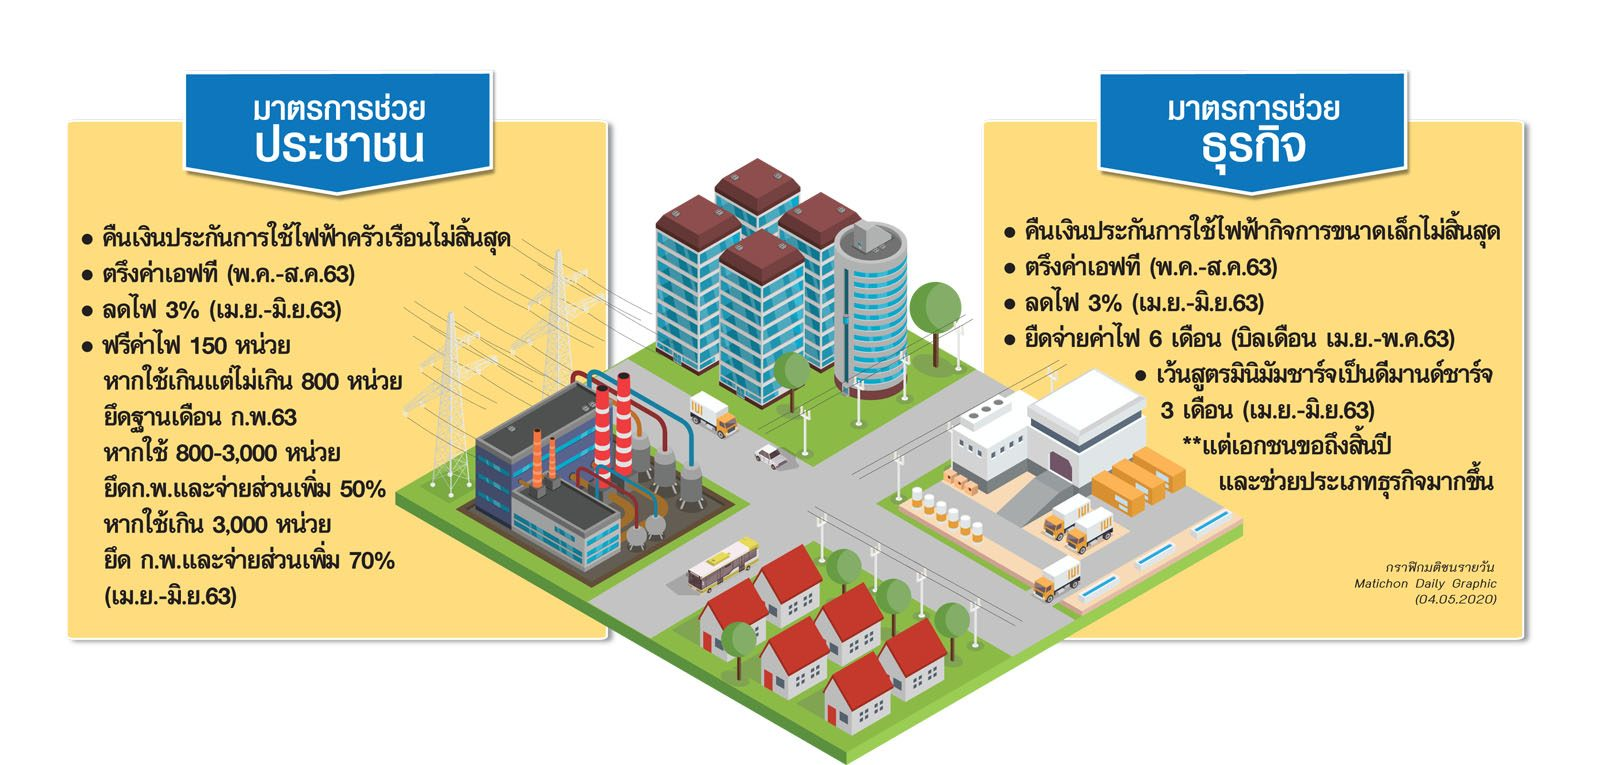 รัฐใจป้ำช่วยค่าไฟปชช.ถึงธุรกิจ เฉือนกำไร3การไฟฟ้าแสนล้าน จับตาภาคปฏิบัติหืดขึ้นคอแน่!!